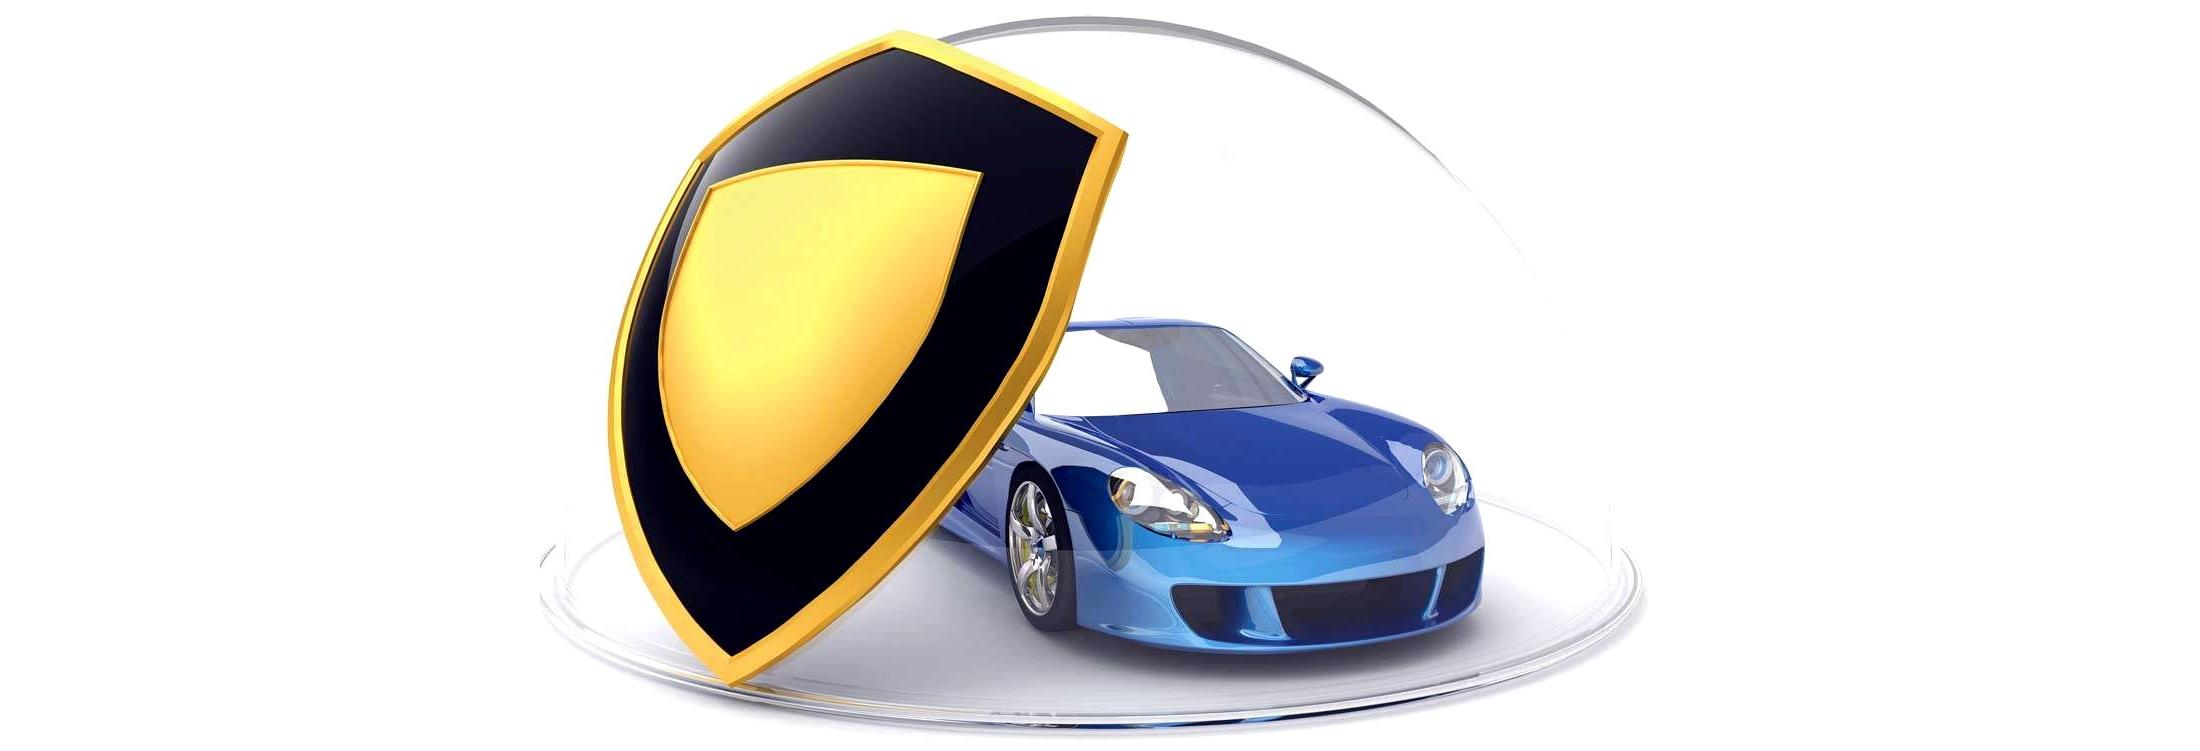 Как работает автозапуск двигателя особенности работы устройства